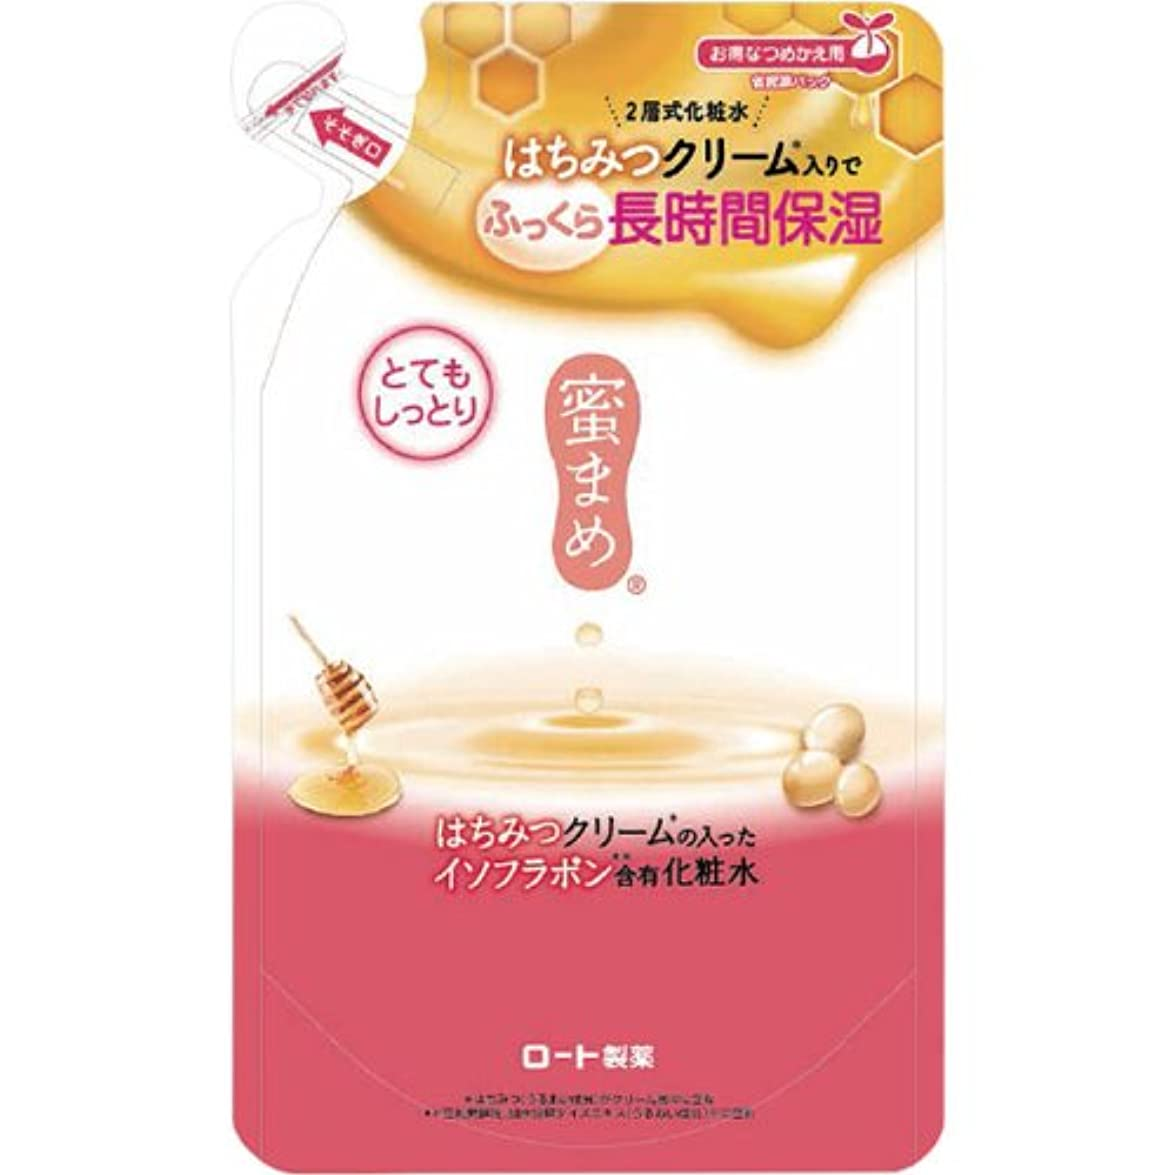 和らげる夢シソーラス蜜まめ 合わせ化粧水 (とてもしっとり) (つめかえ用) 180mL